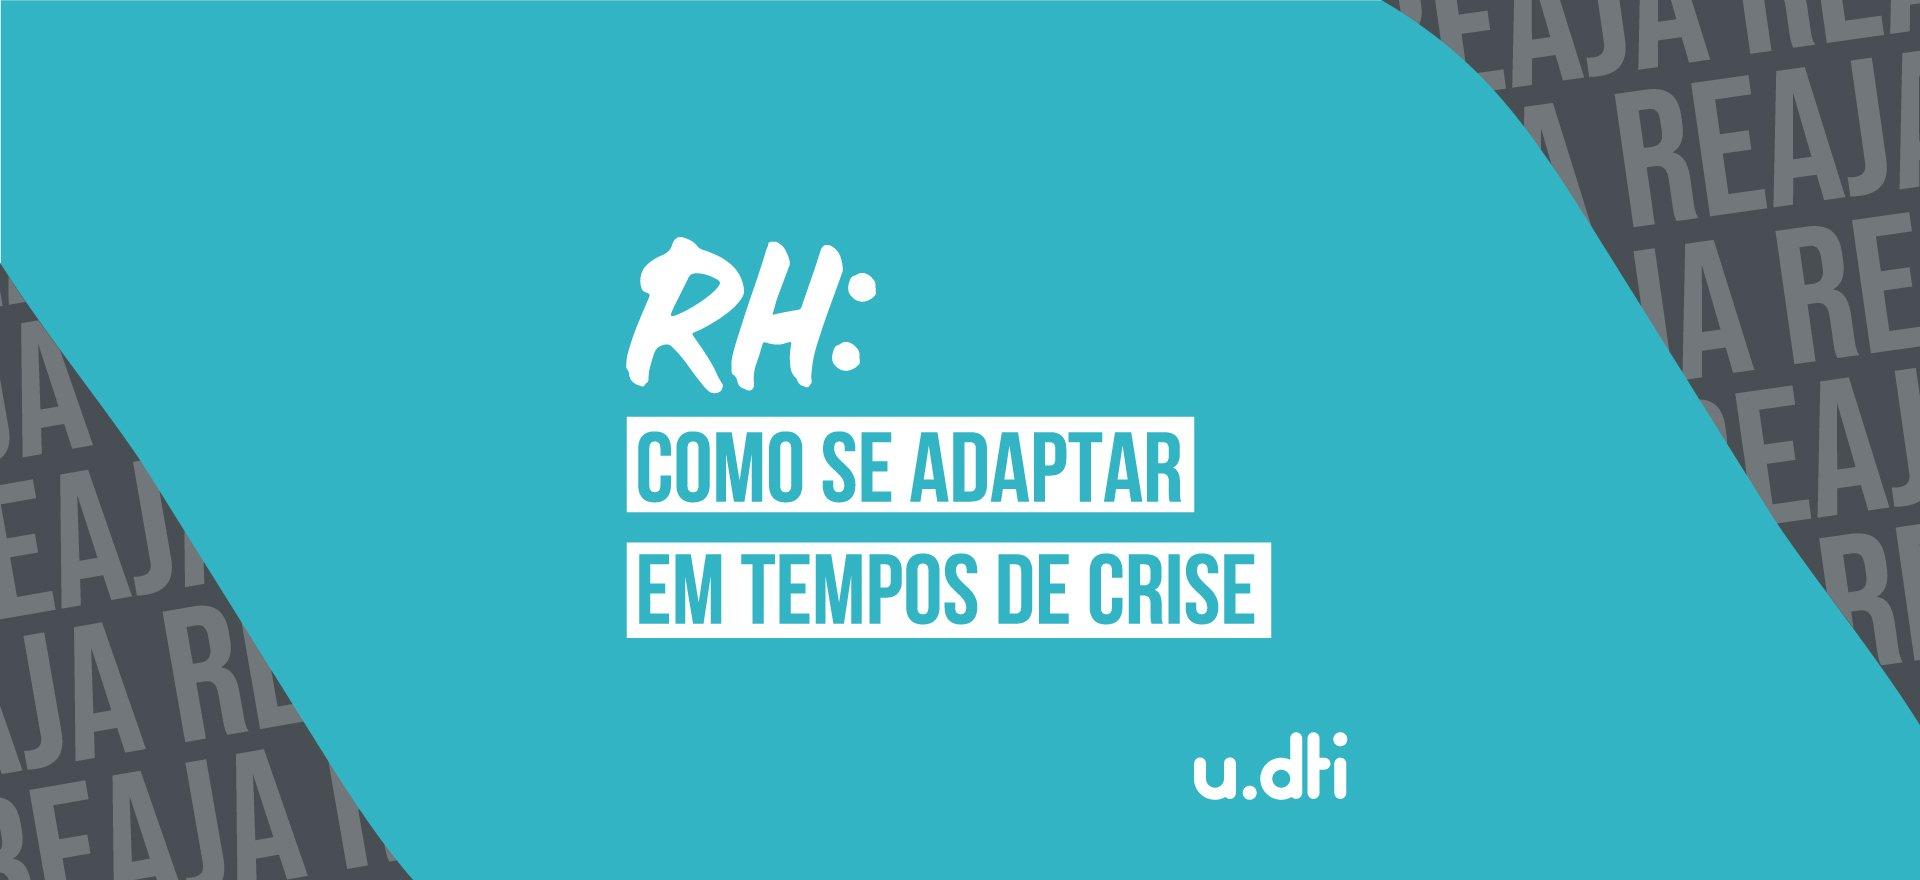 RH ágil: como se adaptar em tempos de crise